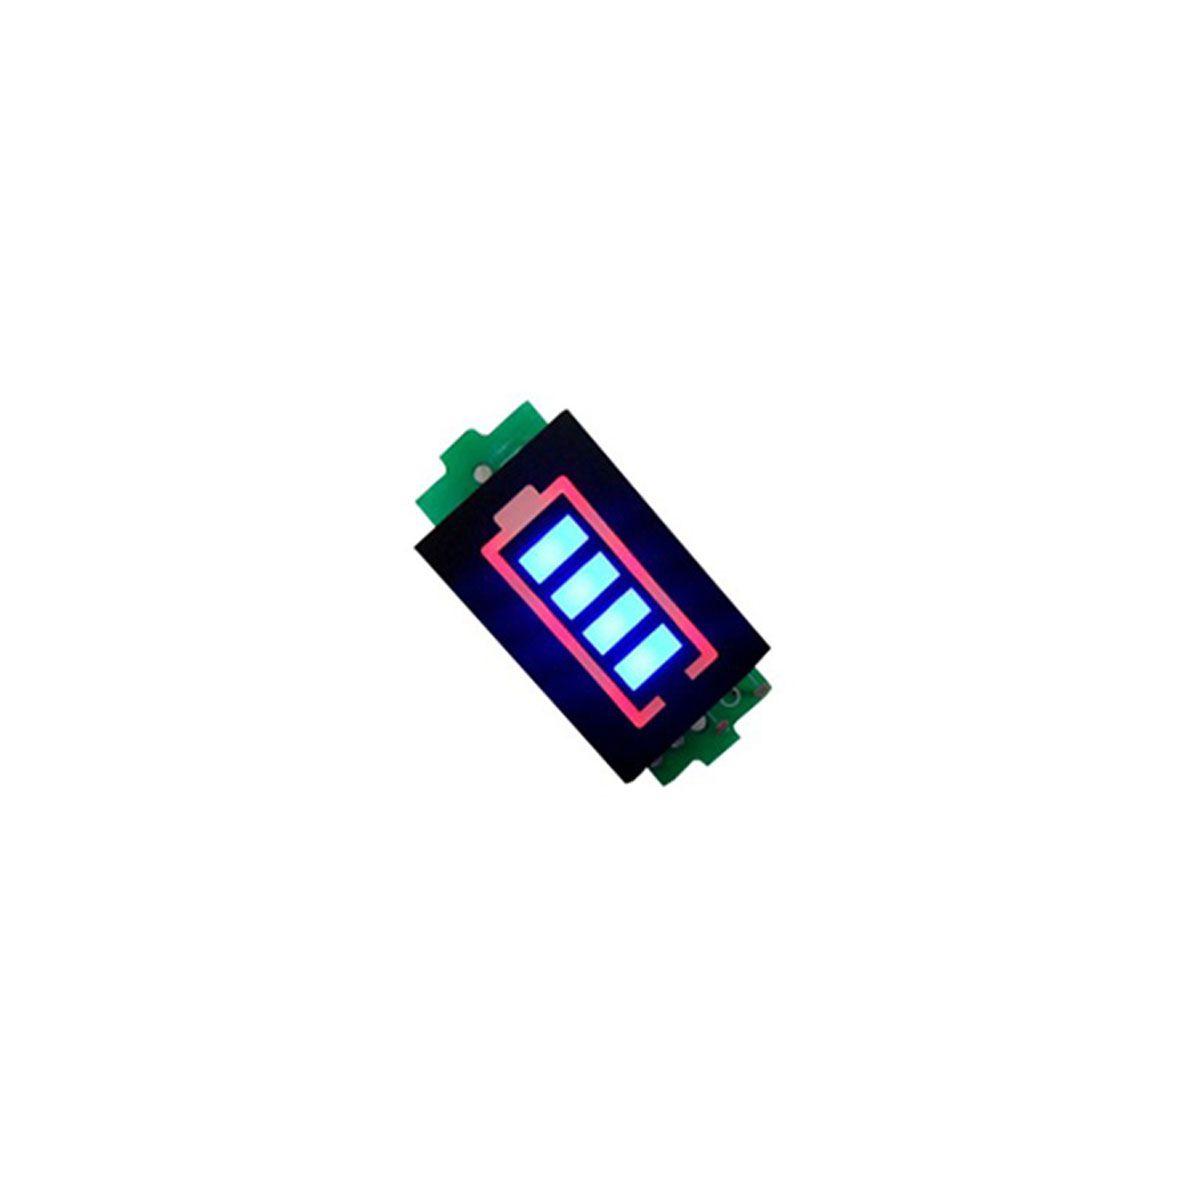 Voltímetro com Display Indicador de Nível de Carga para Baterias 3S 12,6V